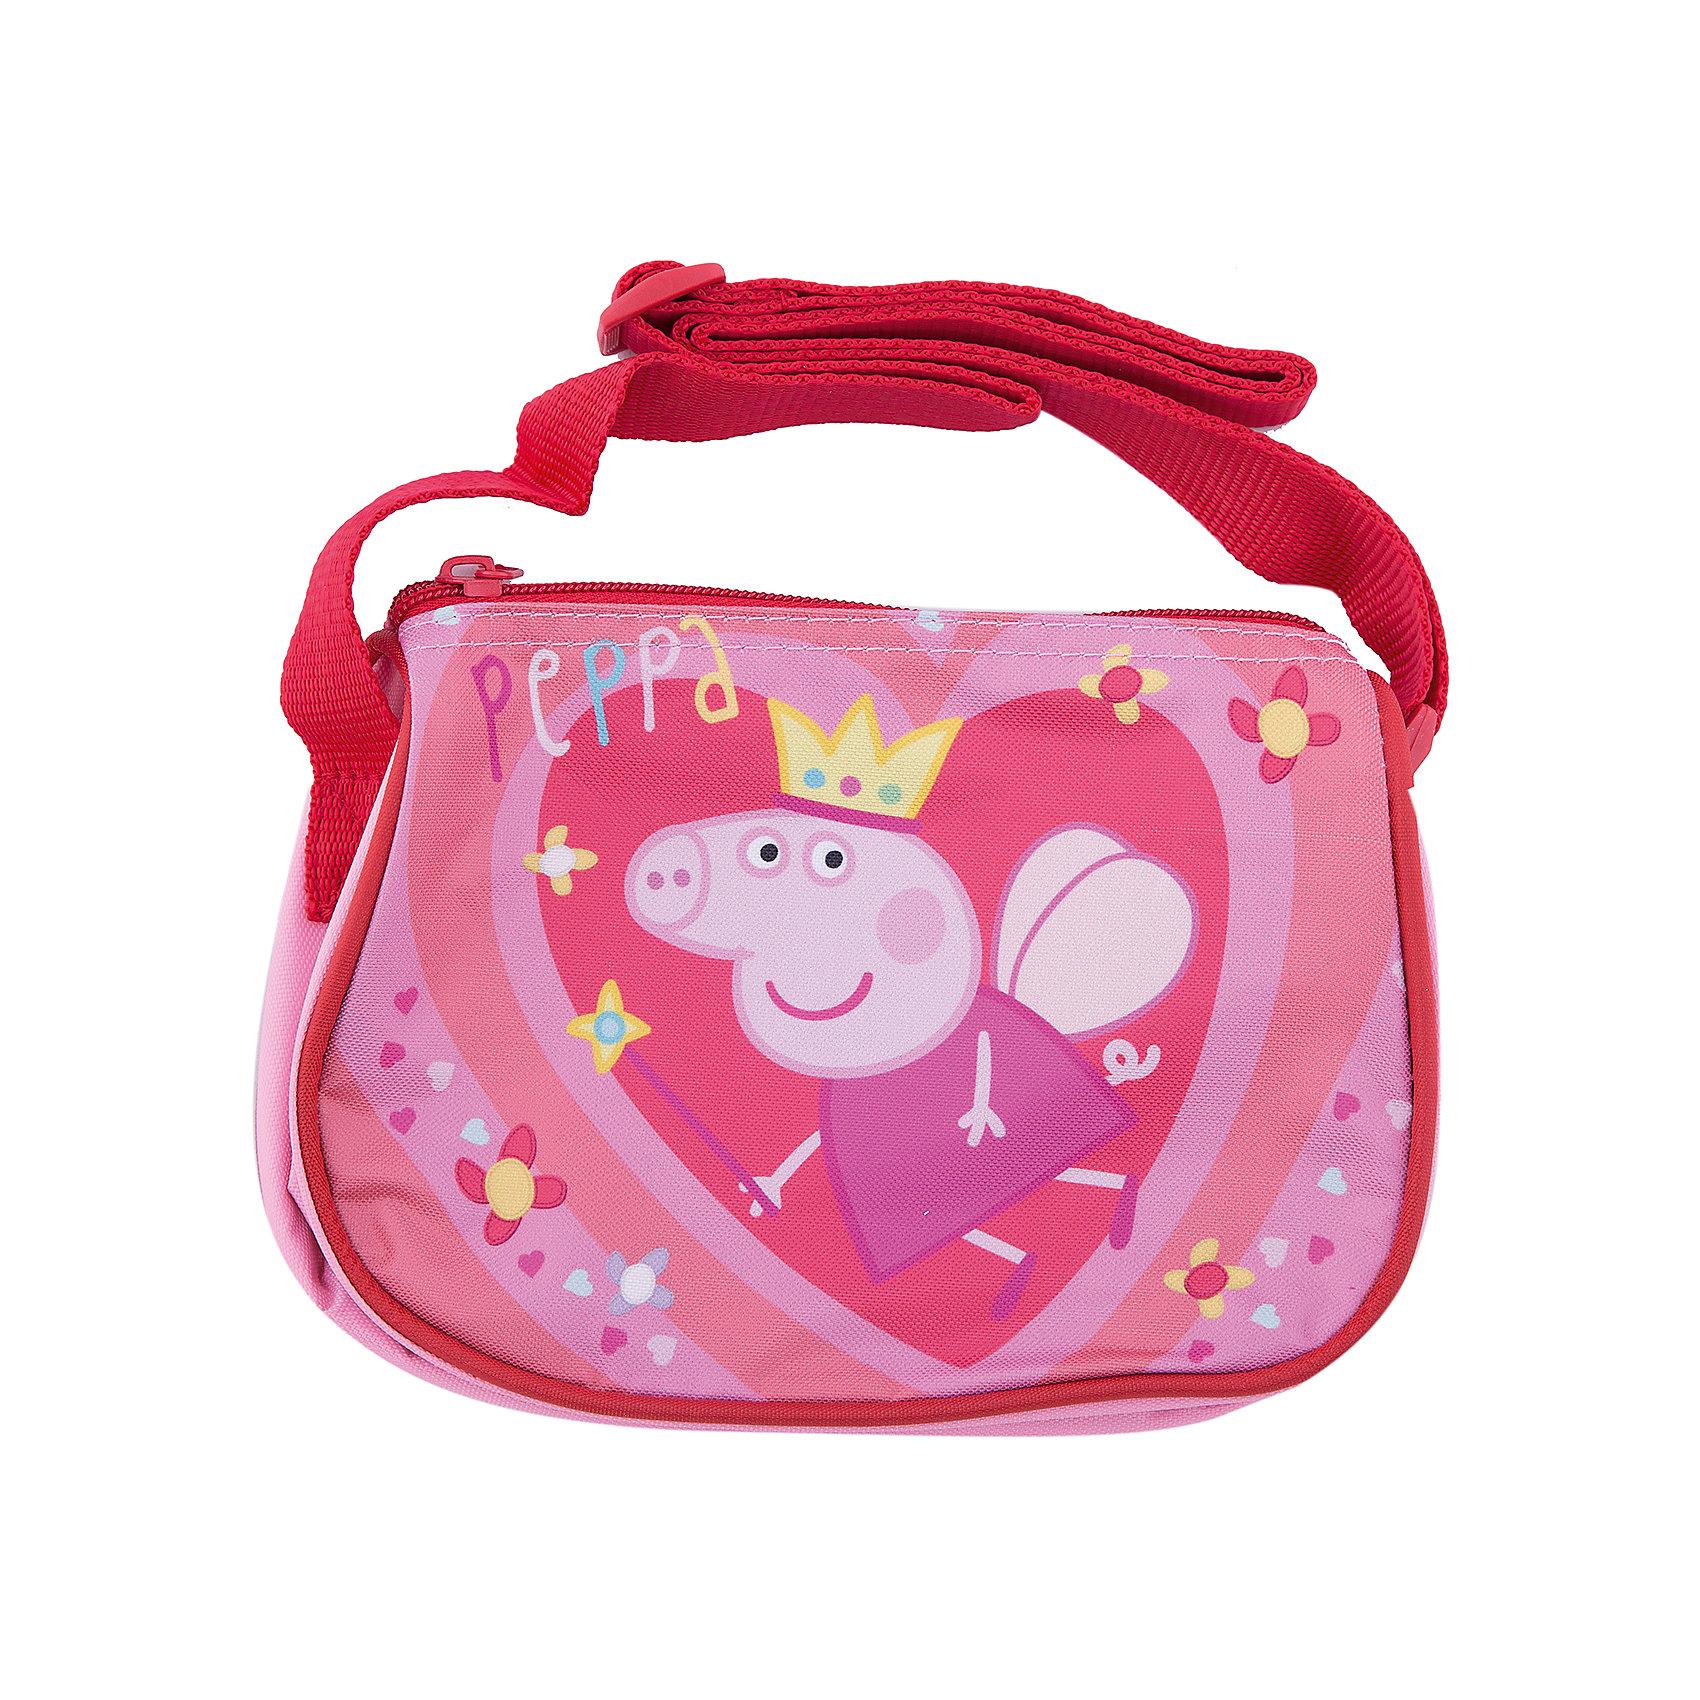 Сумка Королева, Свинка ПеппаДетские сумки<br>Очаровательная миниатюрная сумочка «Свинка Пеппа» обязательно понравится вашей маленькой моднице. С таким милым аксессуаром можно ходить в гости или на прогулку, а также устраивать множество увлекательных игр, всегда оставаясь в центре восхищенного внимания. Сумочка имеет одно отделение на молнии, в которое можно положить любимые игрушки или необходимые на прогулке вещи. Благодаря регулируемой лямке для ношения на плече, аксессуар подходит девочкам разного роста. Изделие декорировано привлекательным принтом (сублимированной печатью). Размер: 19х15х6 см.<br><br>Ширина мм: 200<br>Глубина мм: 175<br>Высота мм: 20<br>Вес г: 107<br>Возраст от месяцев: 36<br>Возраст до месяцев: 84<br>Пол: Женский<br>Возраст: Детский<br>SKU: 4635157